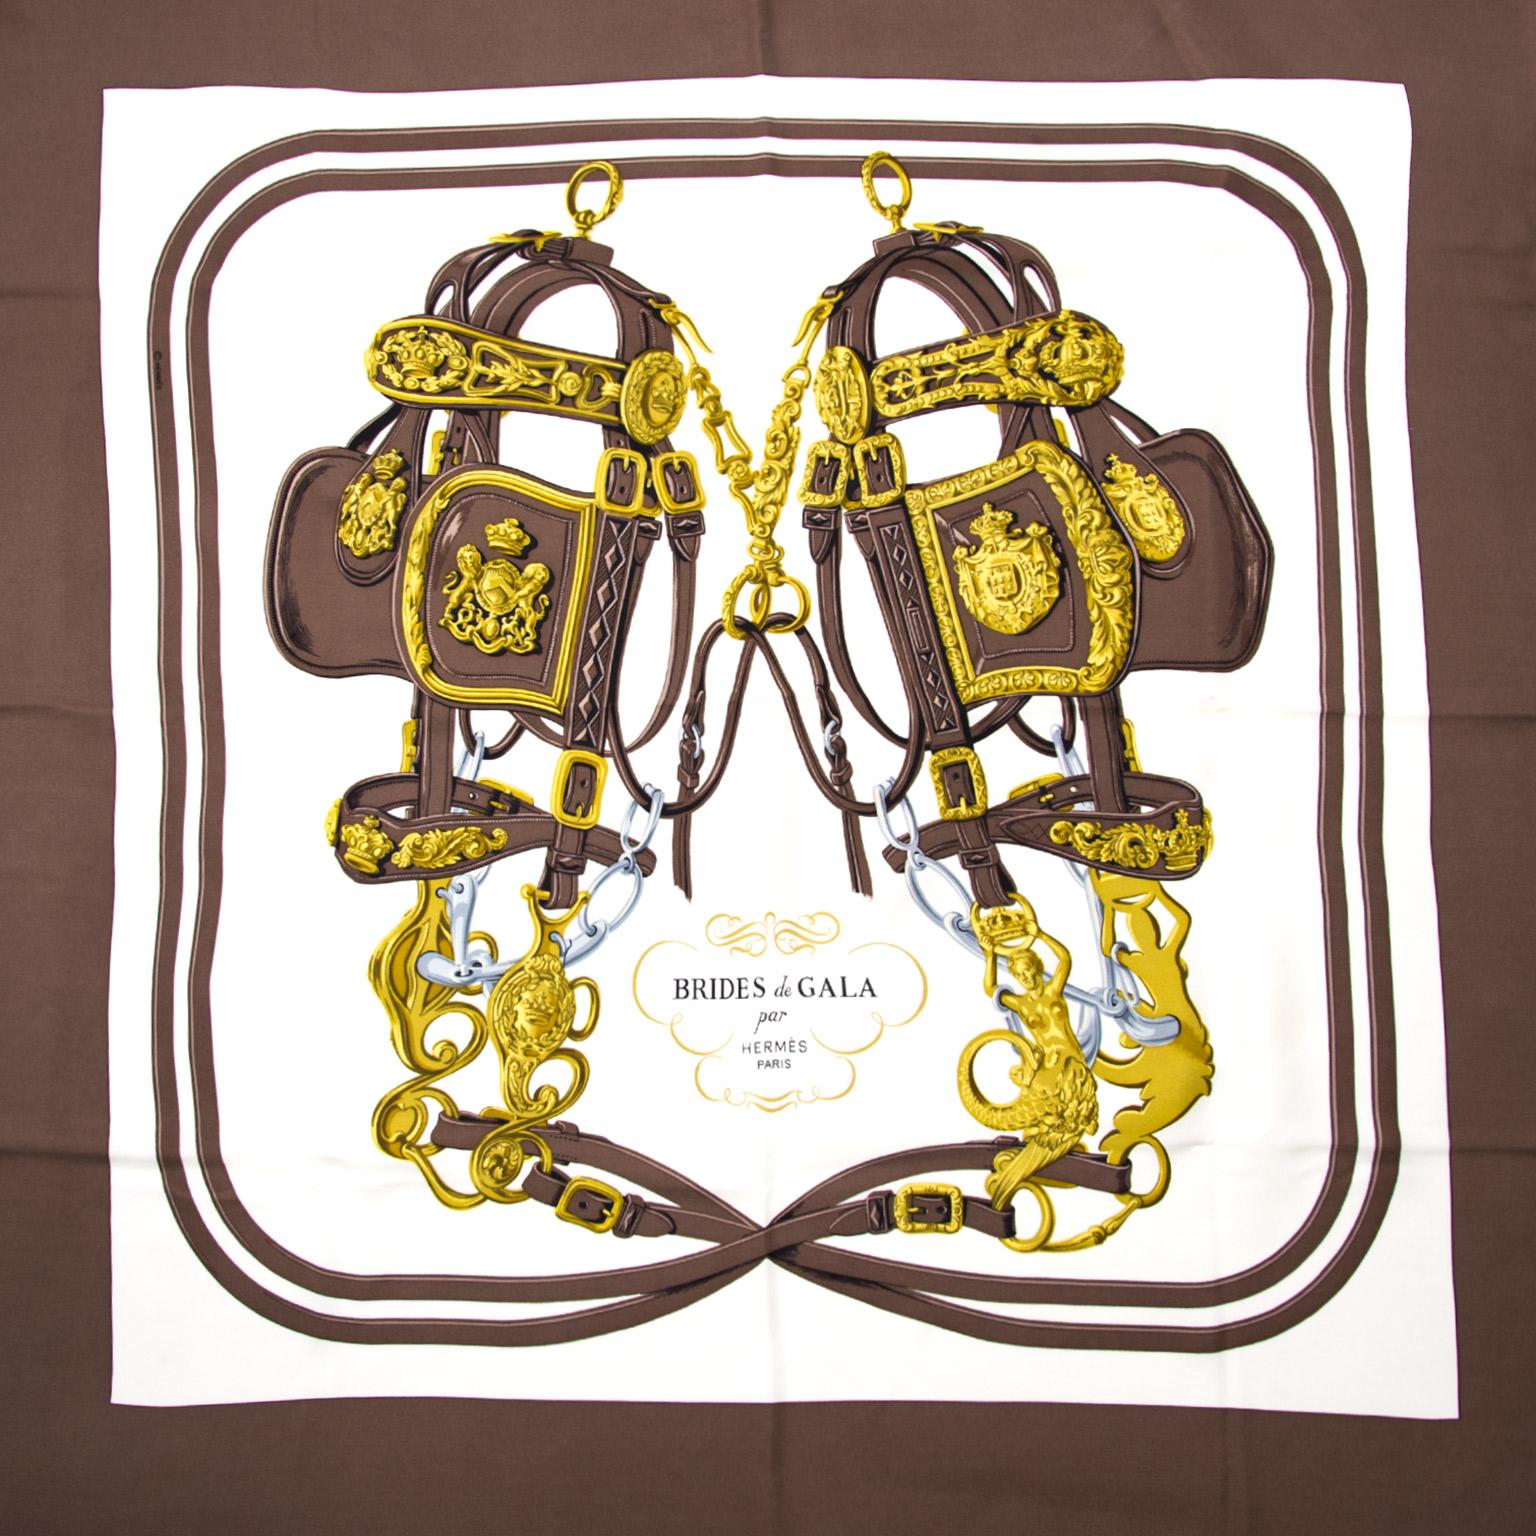 Koop veilig online bij labellov.com Hermès Carré de Soie Brides de Gala nu online tegen de beste prijs